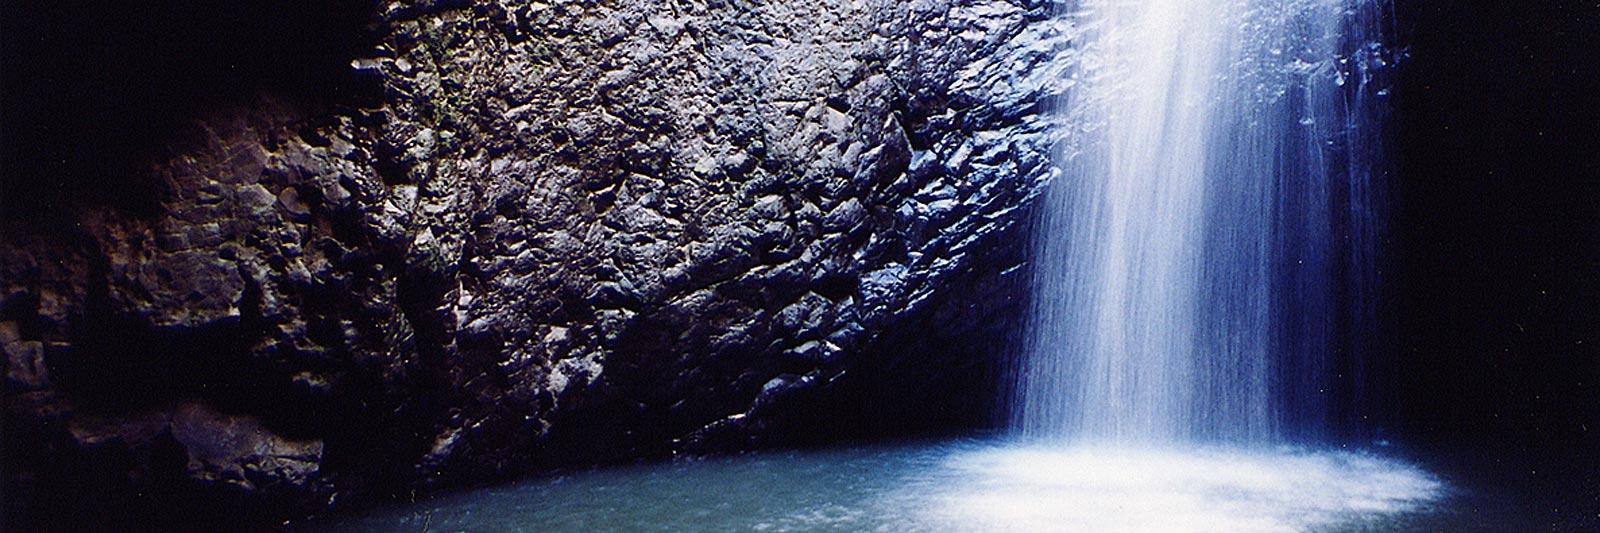 Heilkunst Vlcek - Wasserfall der Heilarbeit